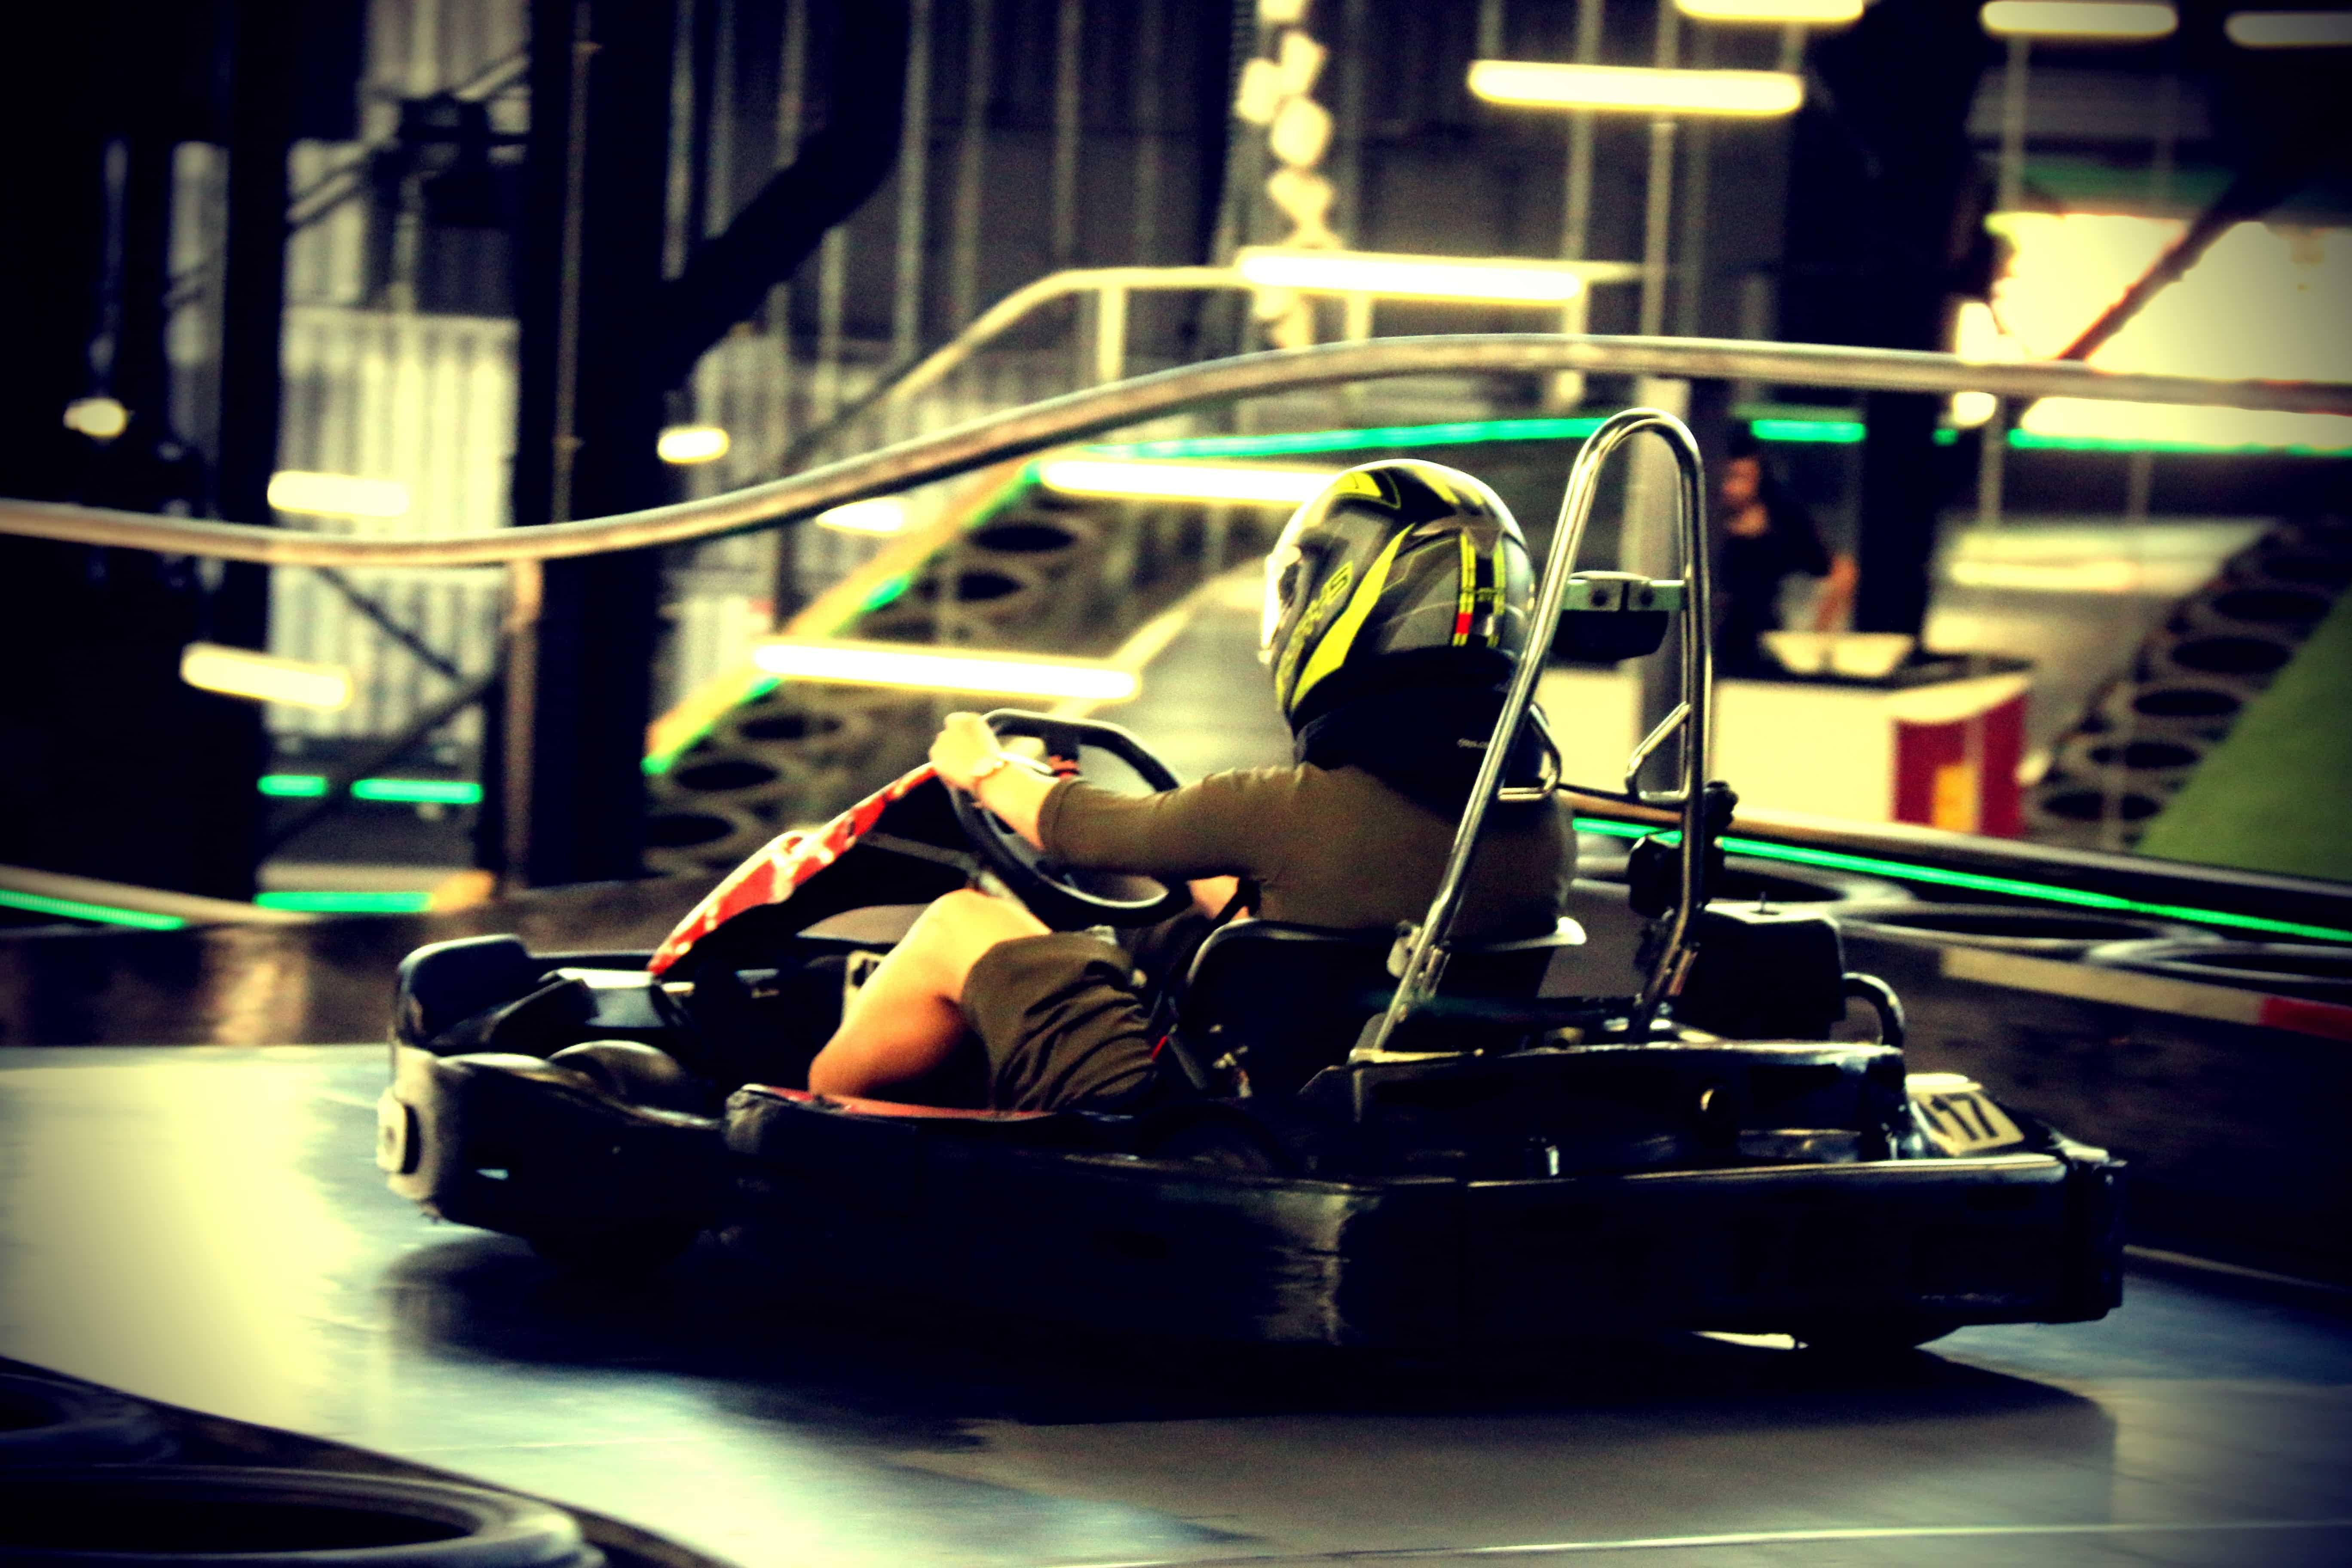 Multi-storey drift go kart fun